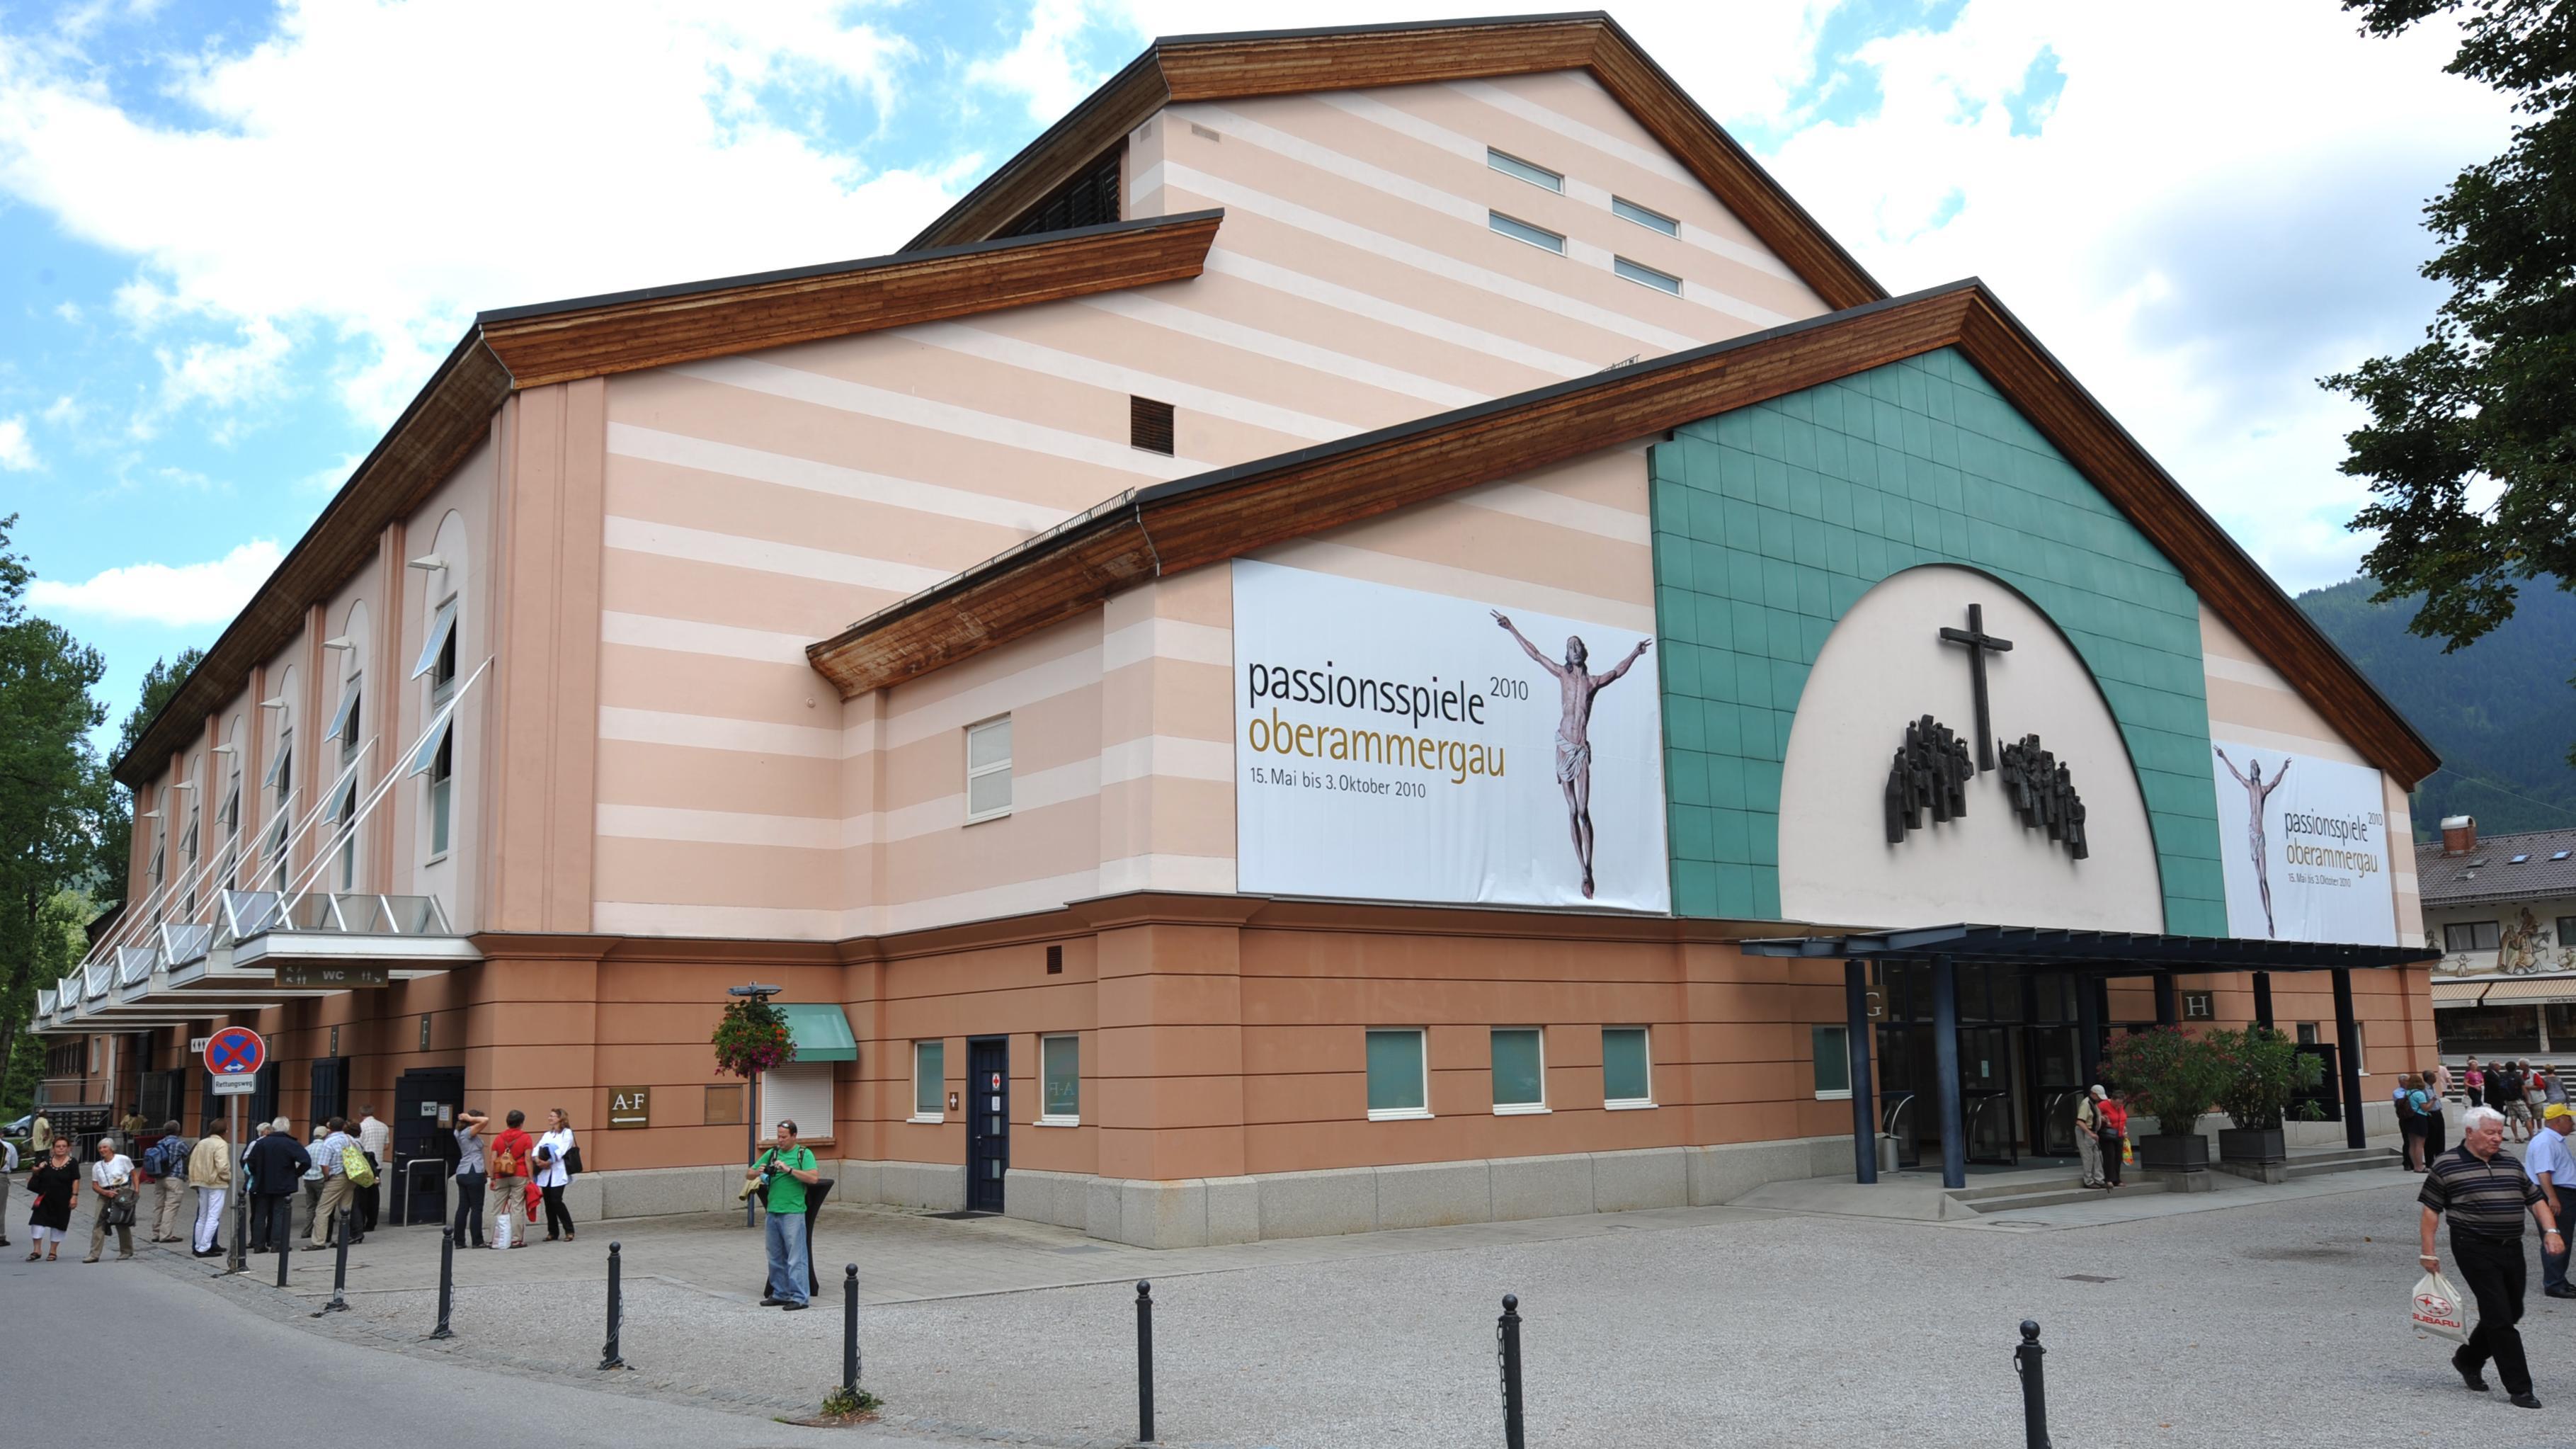 Das Passionsspielhaus in Oberammergau